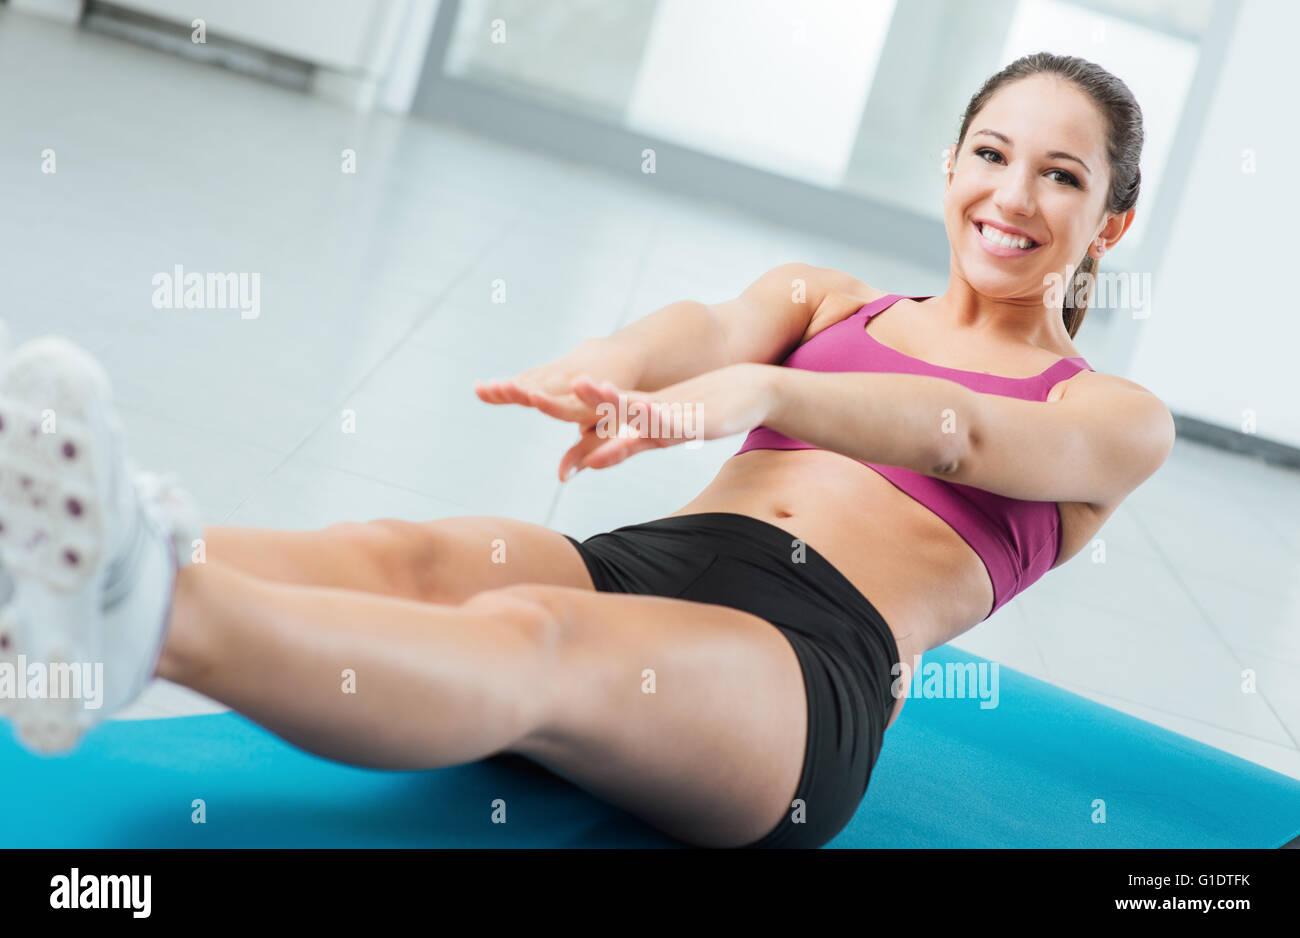 Smiling young woman doing adbominal exercice dans la salle de sport sur un tapis de fitness et d'entraînement, Photo Stock